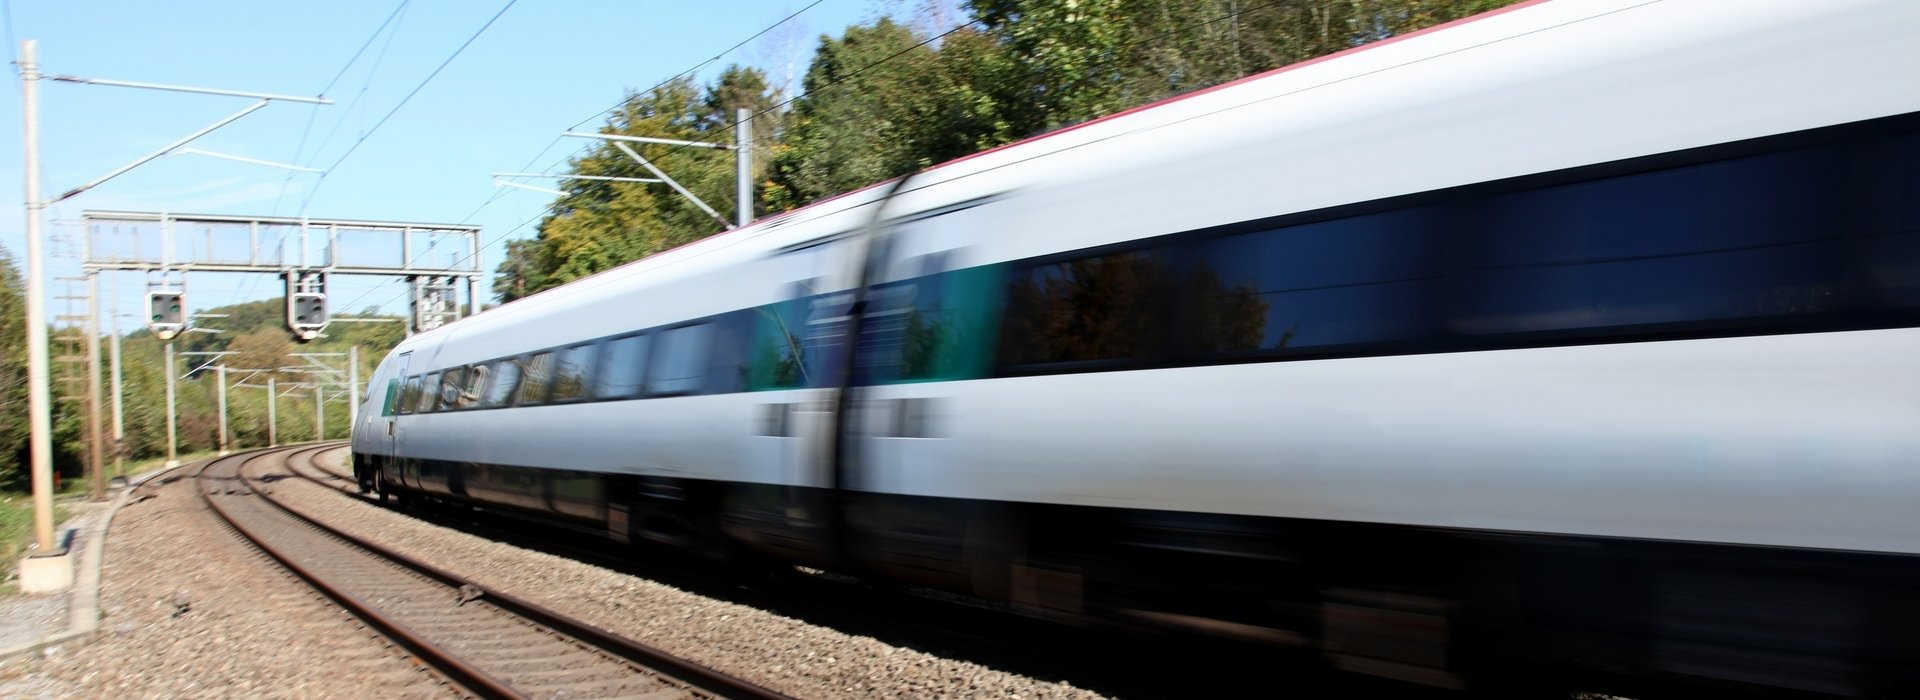 Reise nach Budapest mit dem Zug – Budapest Reisen